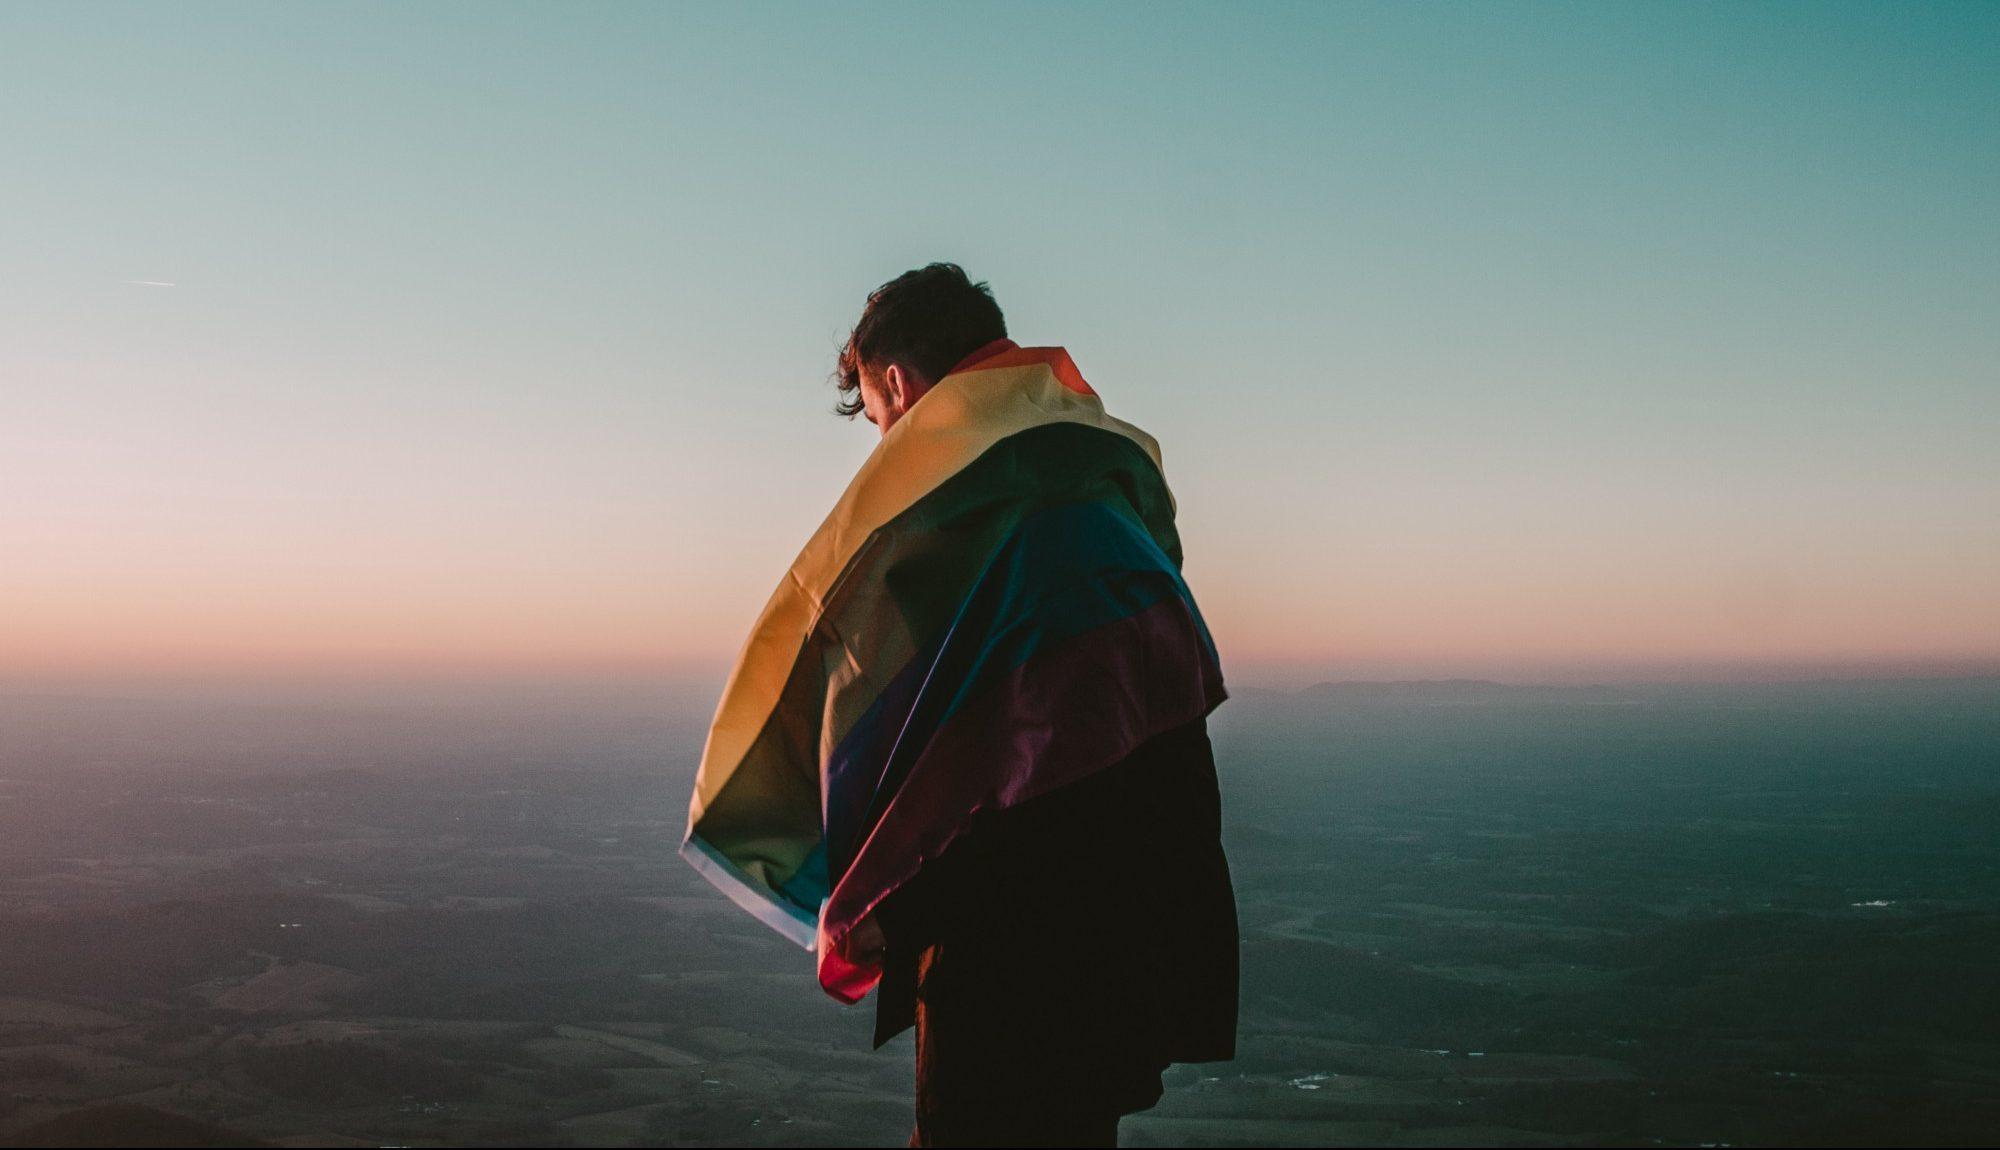 Yeni Bir Araştırmaya Göre İnsanların Çoğunluğu Homofobik İstismara Karşı